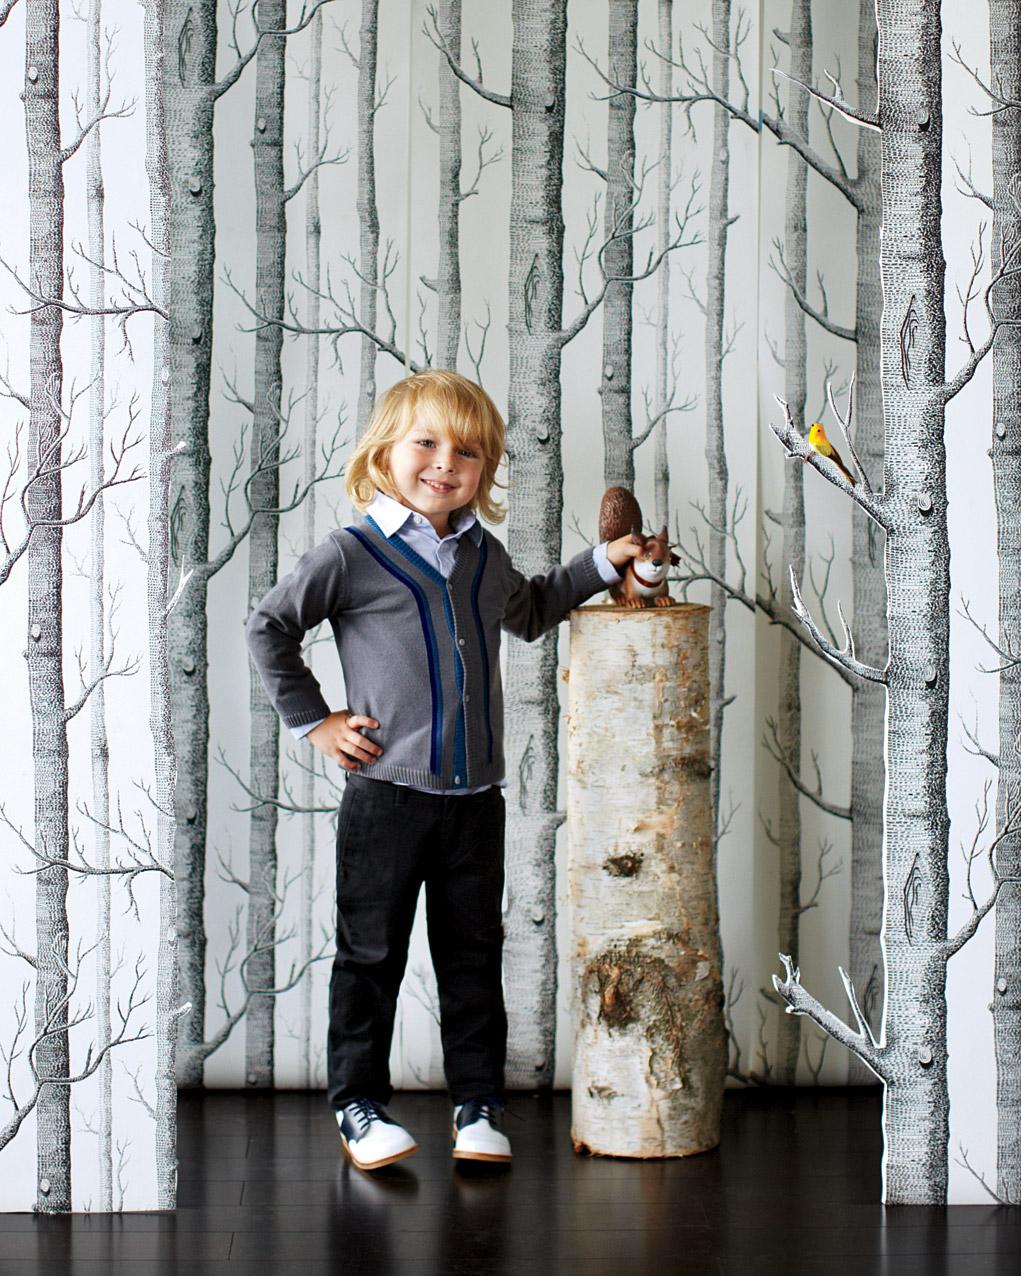 wallpaper-backdrop-3-mwd107819.jpg